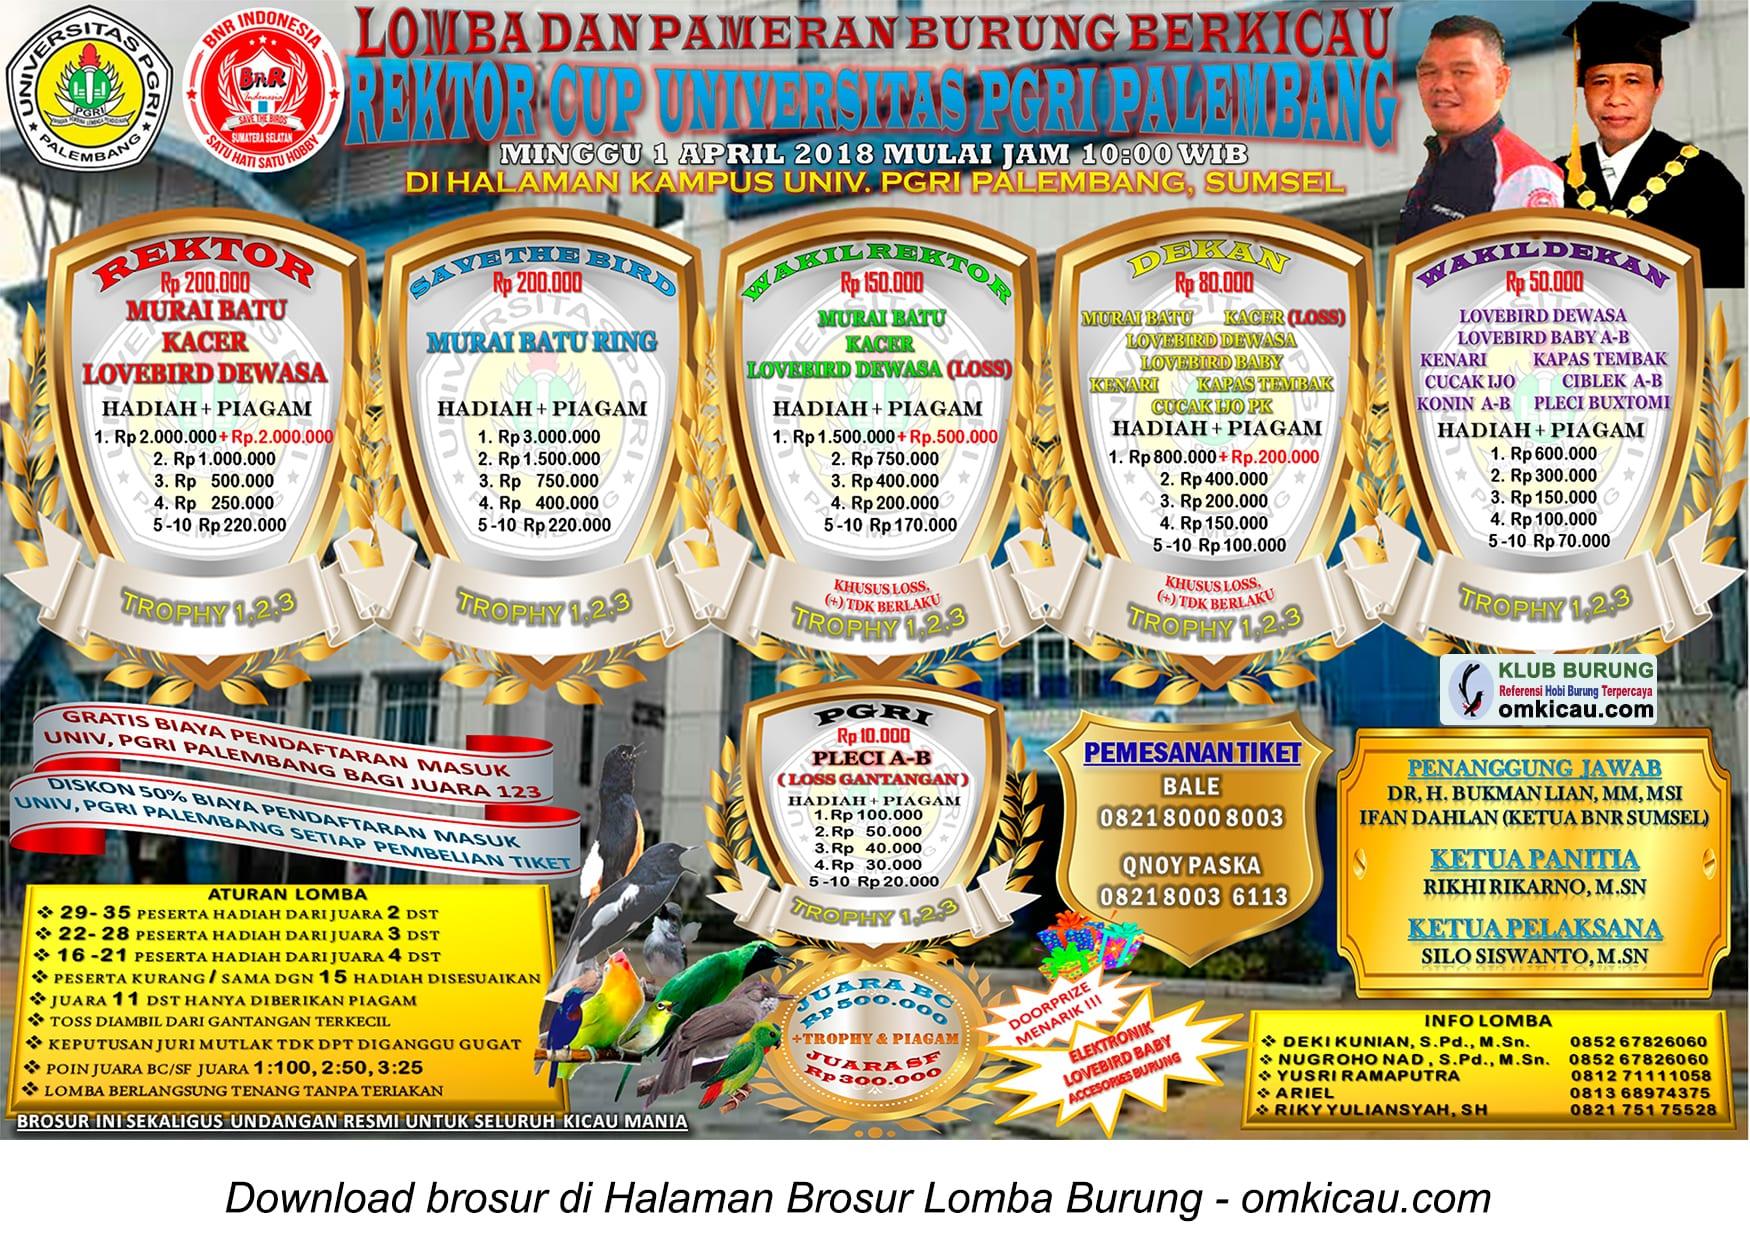 Rektor Cup Universitas PGRI Palembang